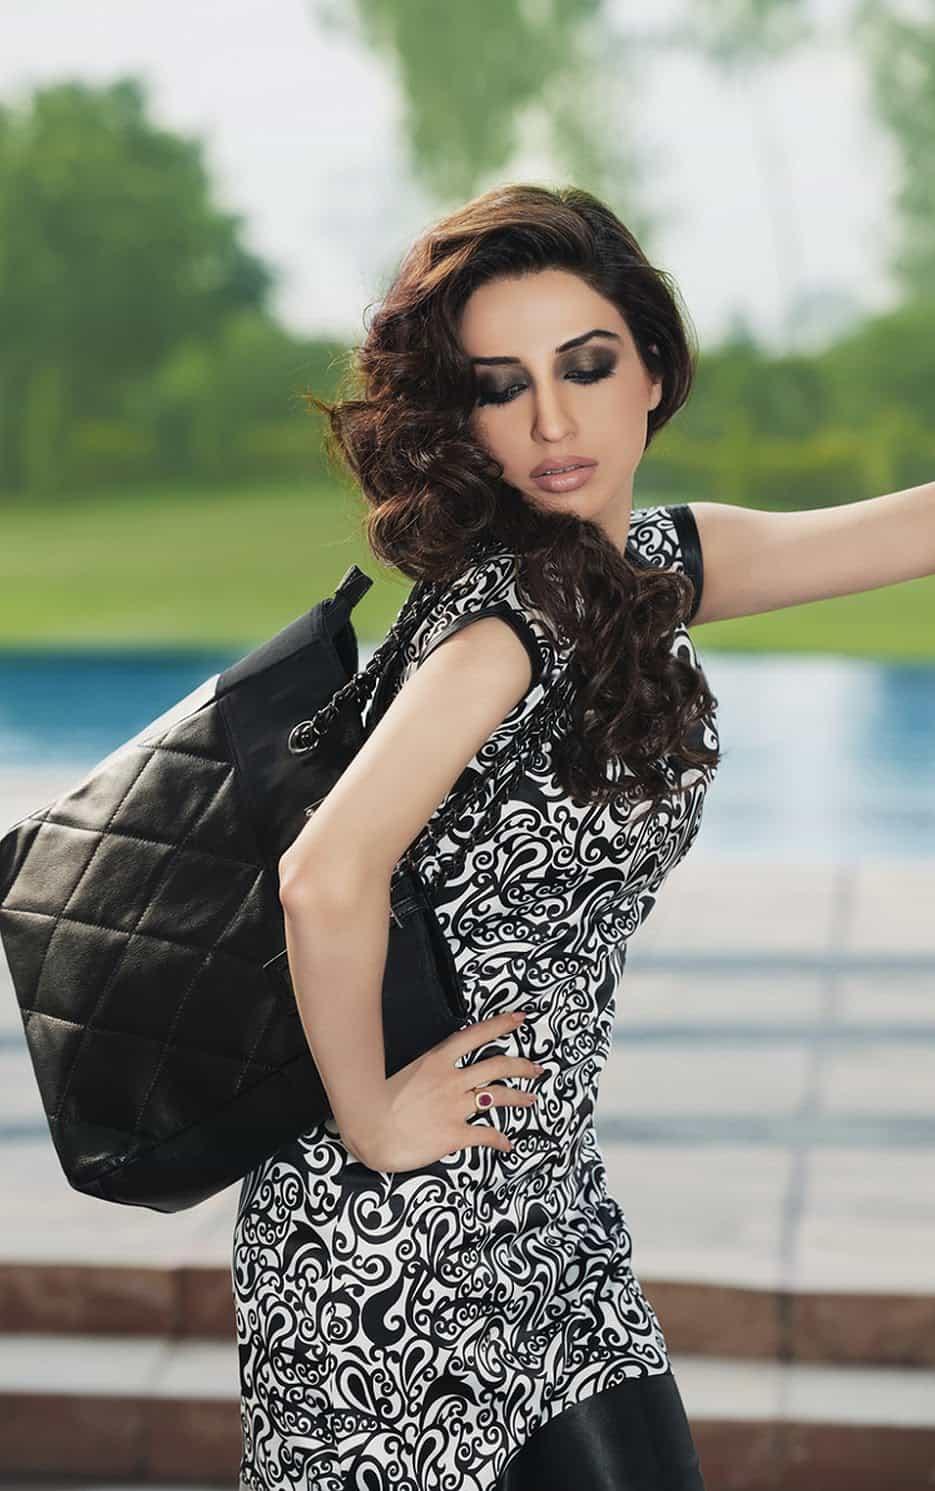 Model Iman Ali Photoshoot 3